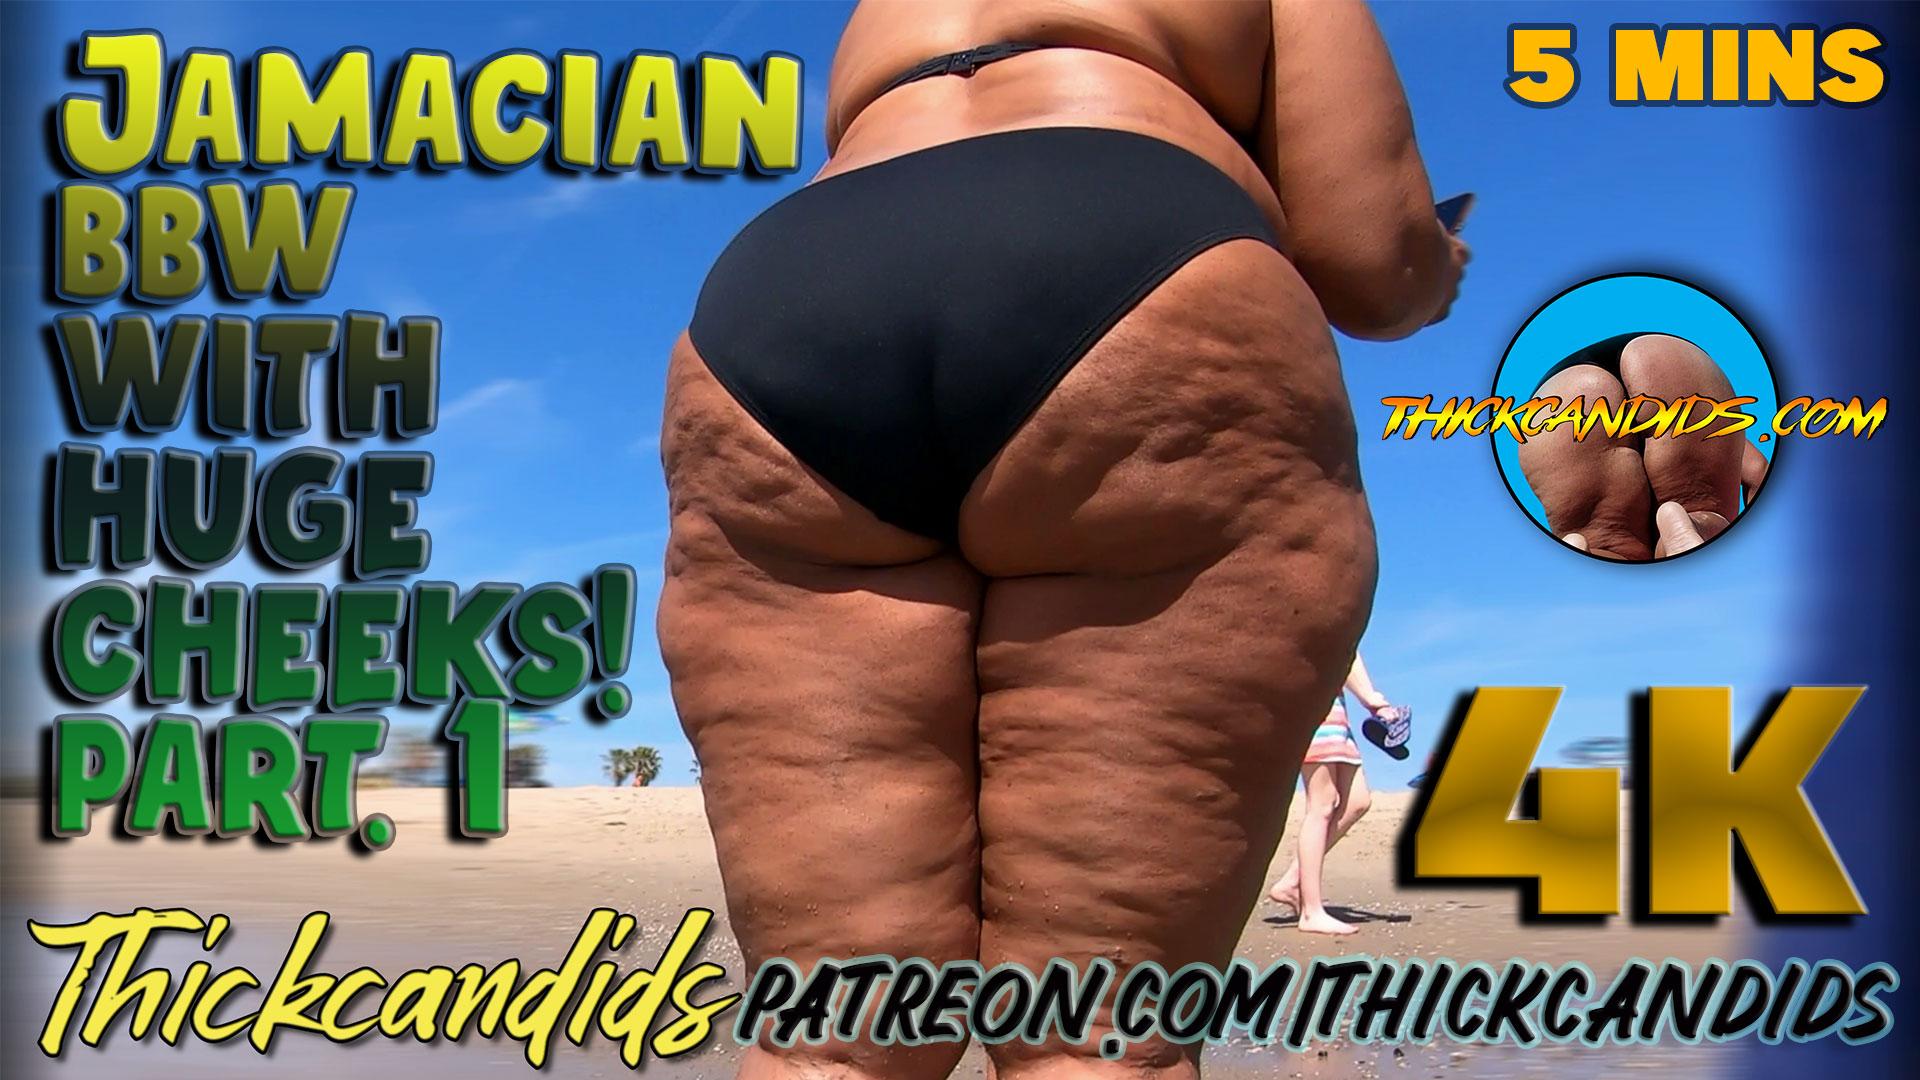 Jamacian-BBW-with-huge-Cheeks!-part.-1